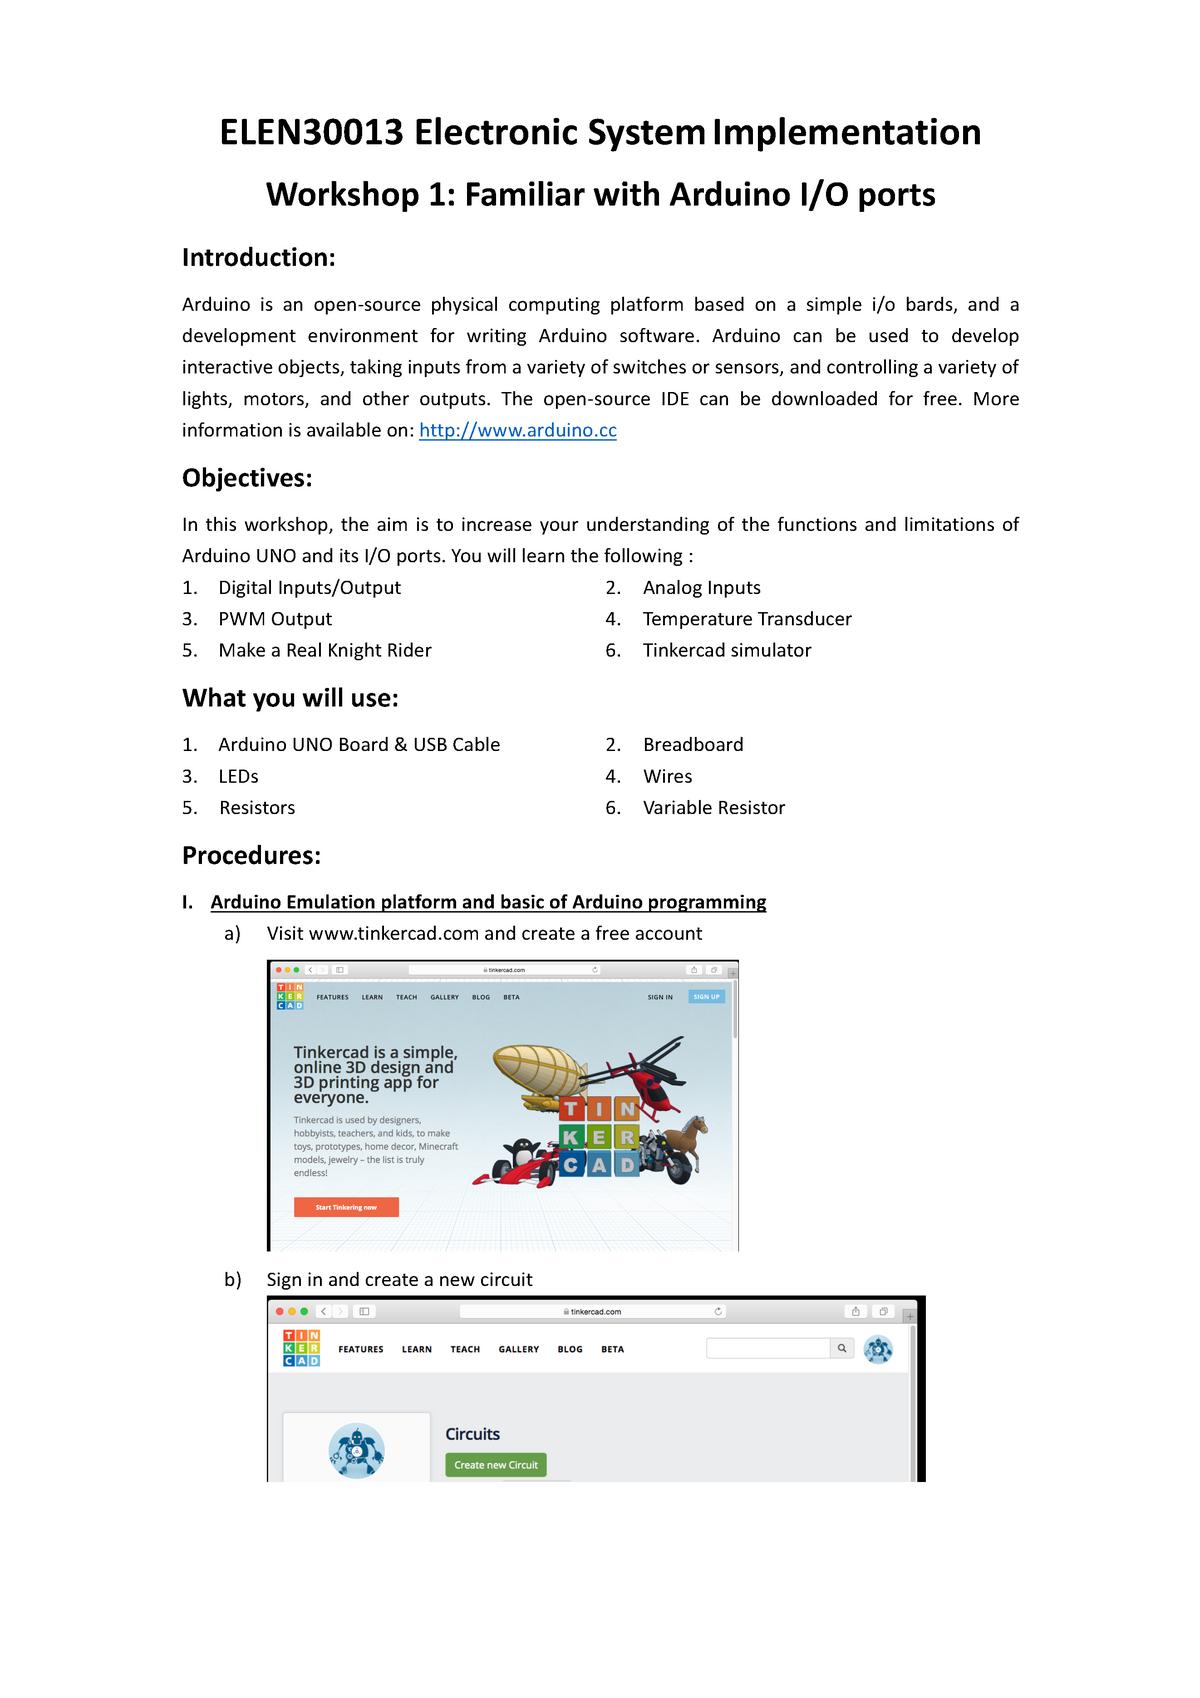 ELEN30013 Workshop 01 - Electronic System Implementation